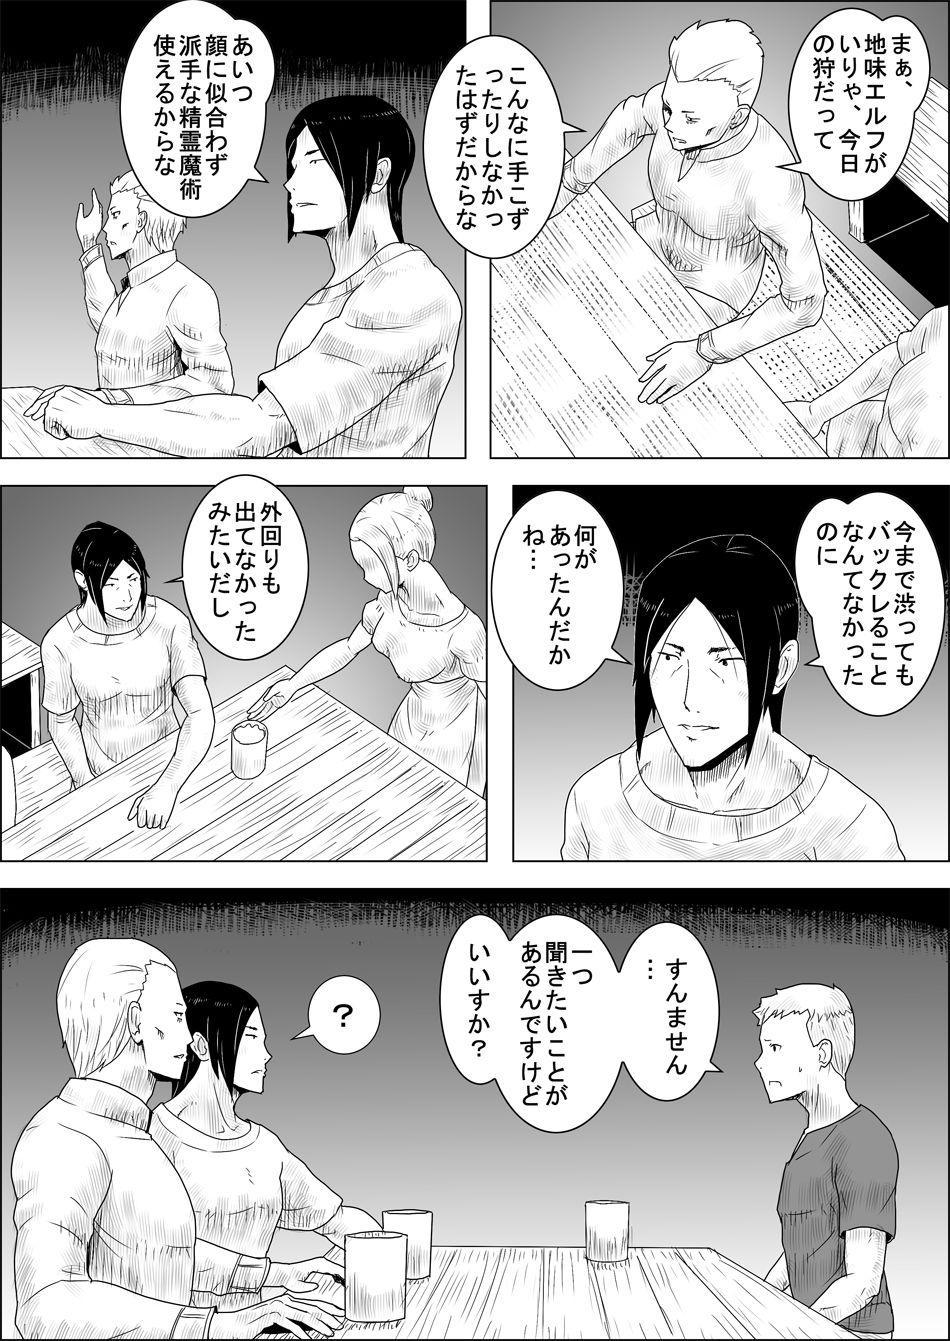 Mada Daimei no Nai Fantasy - Jimi na Elf to Minarai no Senshi II 2